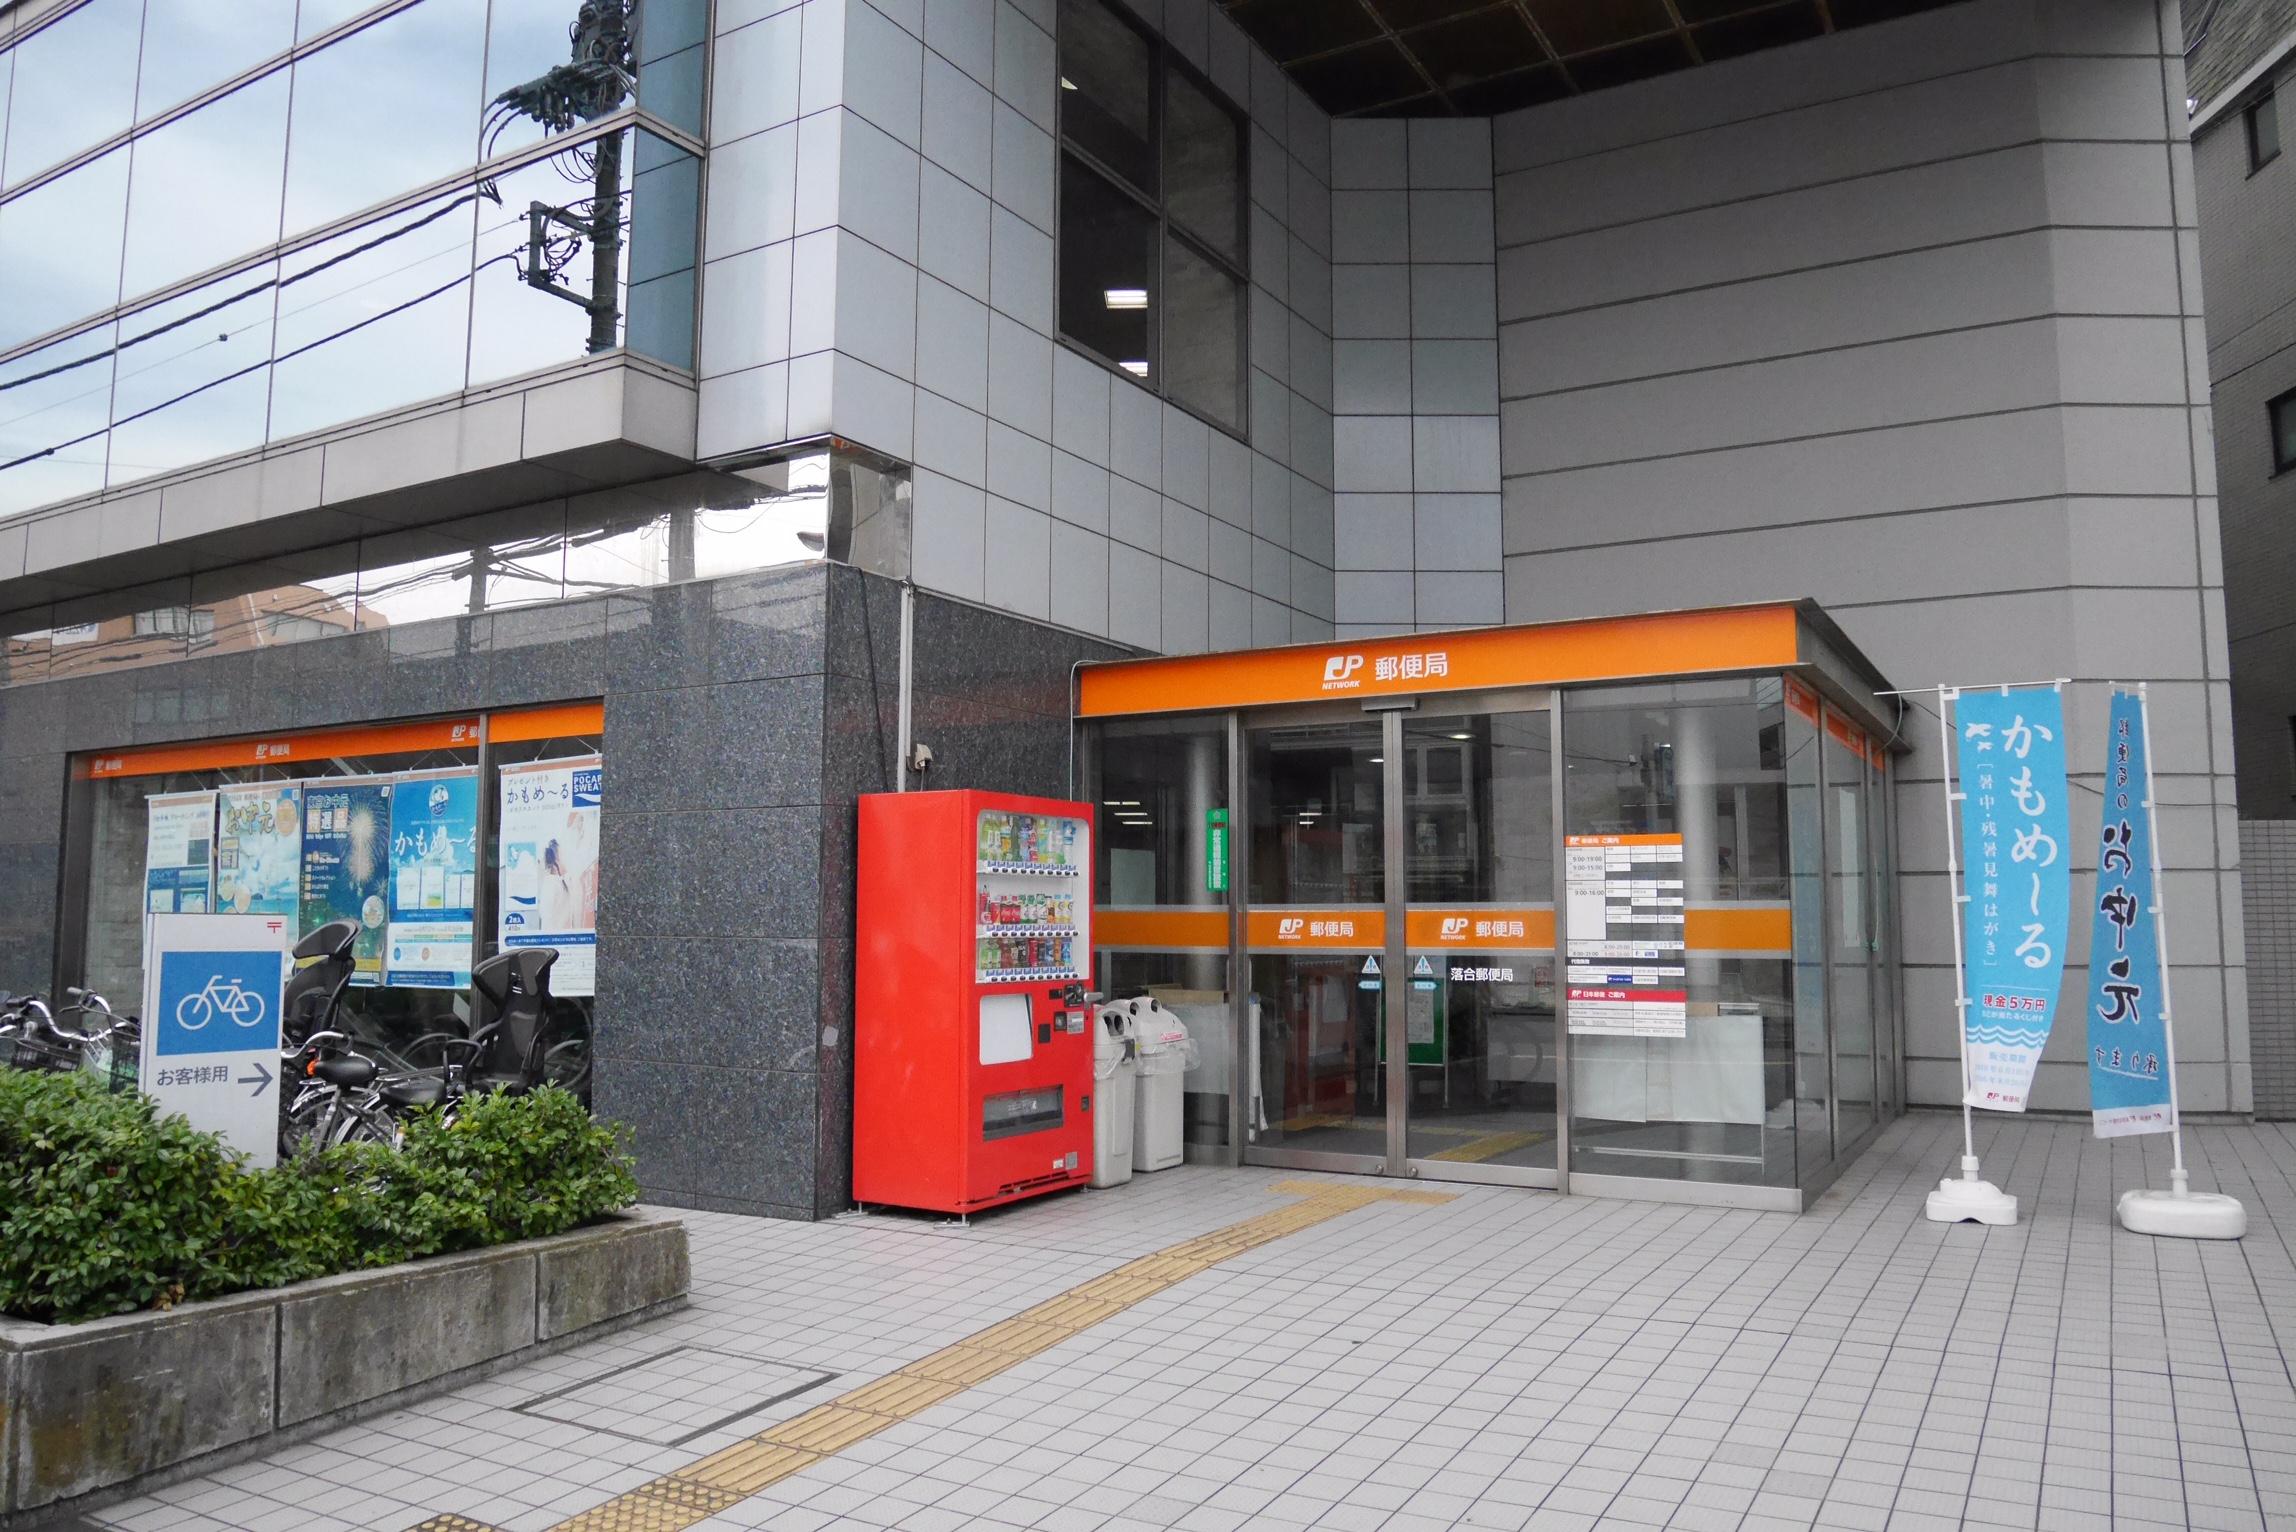 poste-japonaise-2